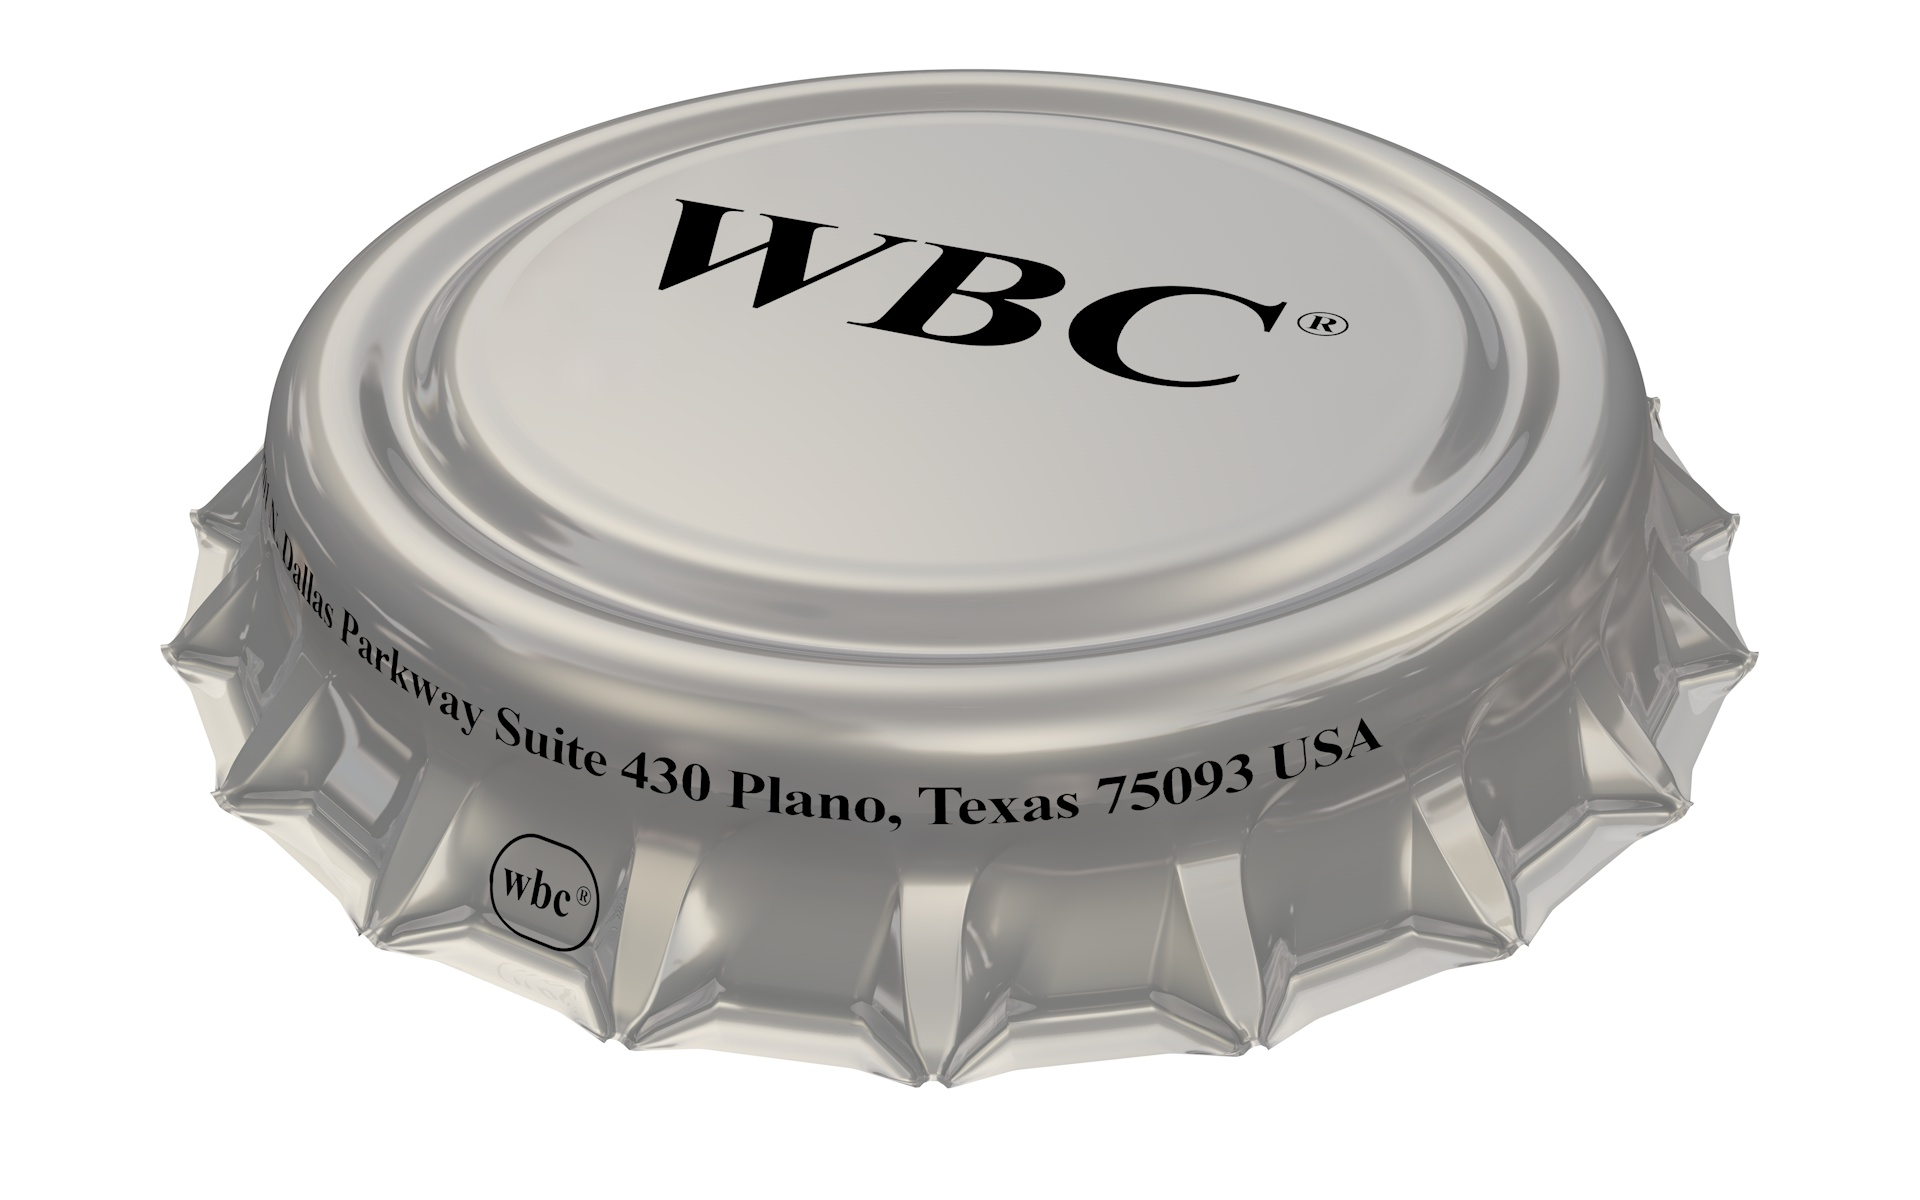 rgc-wbc-003_0003